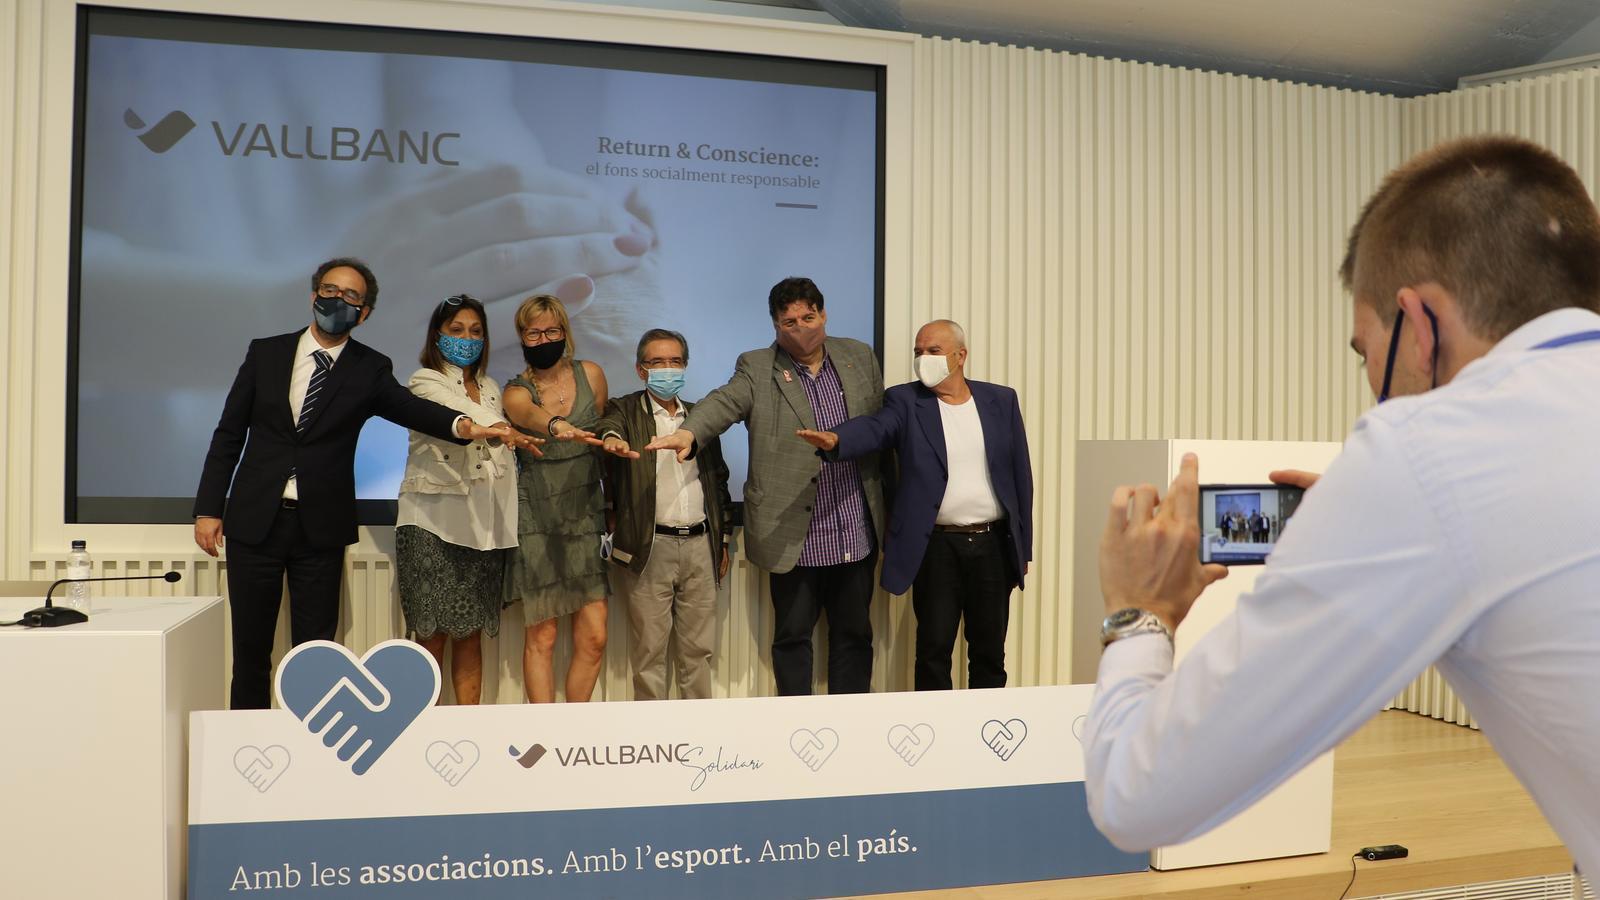 Foto de grup dels beneficiats per la iniciativa R&C de Vall Banc